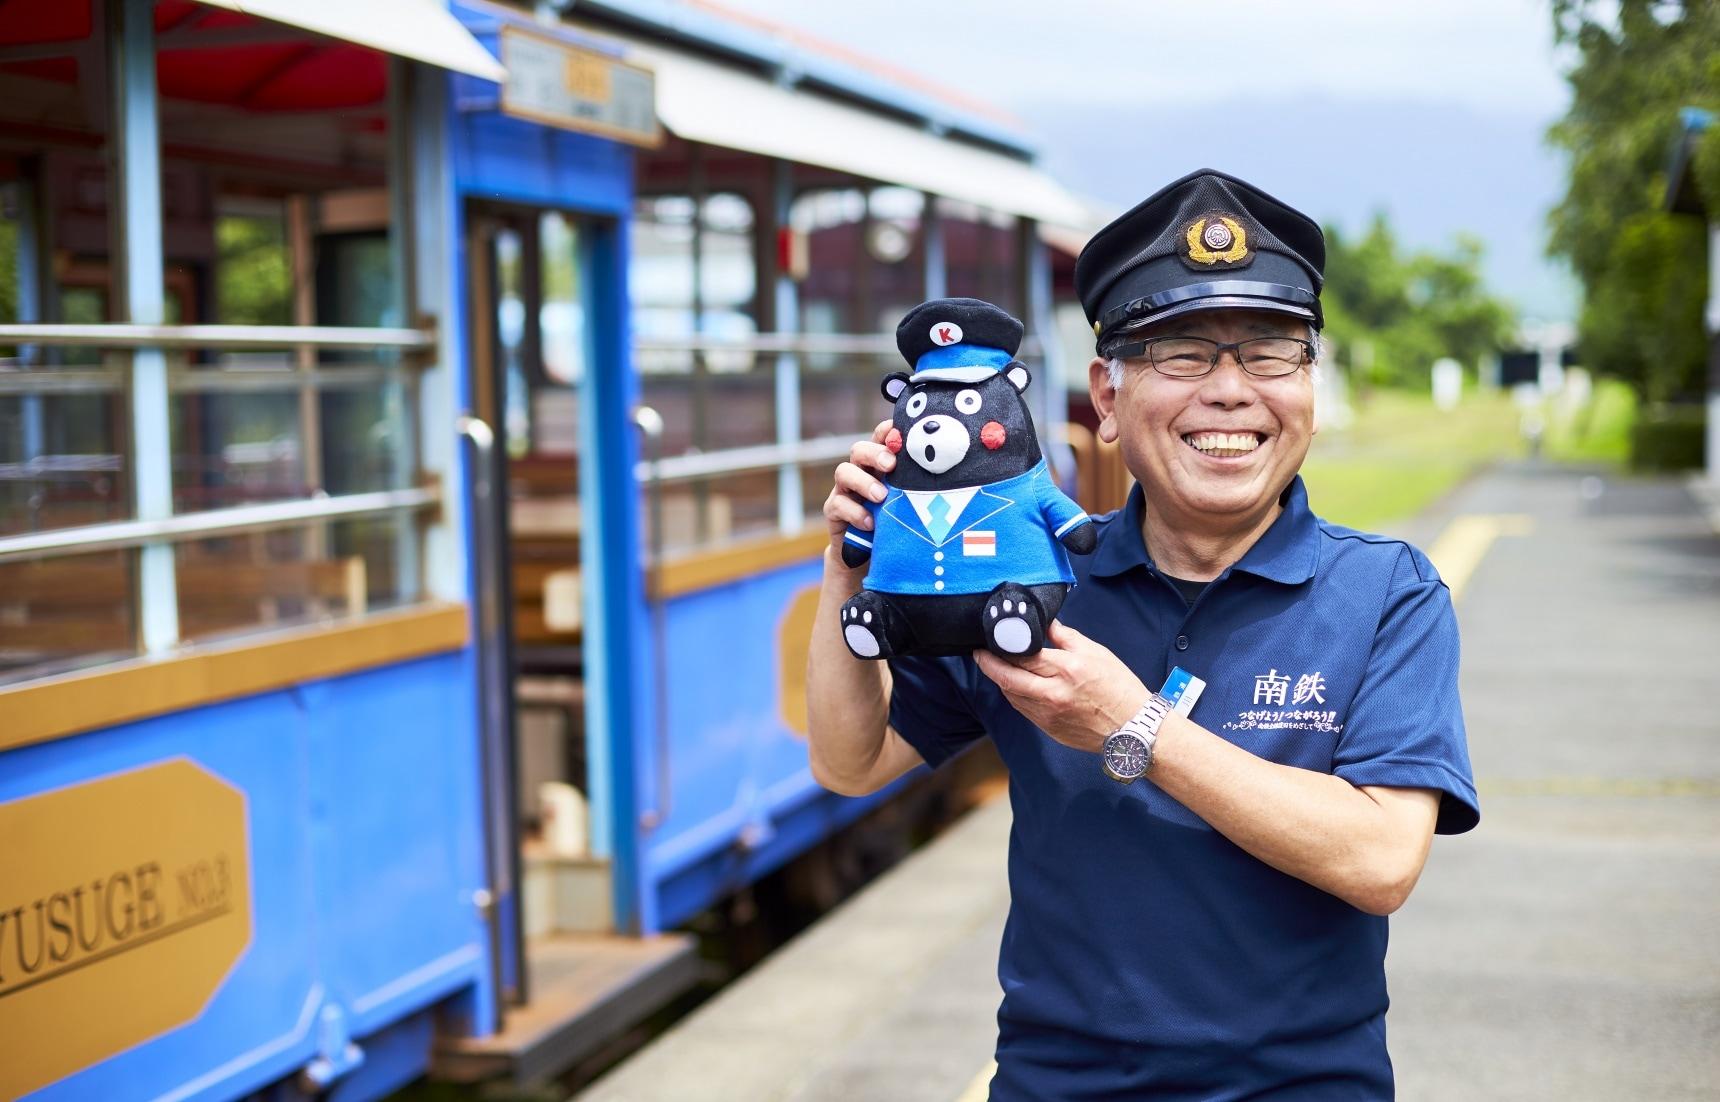 【日本觀光列車特輯・熊本篇】承載著恢復往日風光心意的「トロッコ列車(蒸汽小火車)」